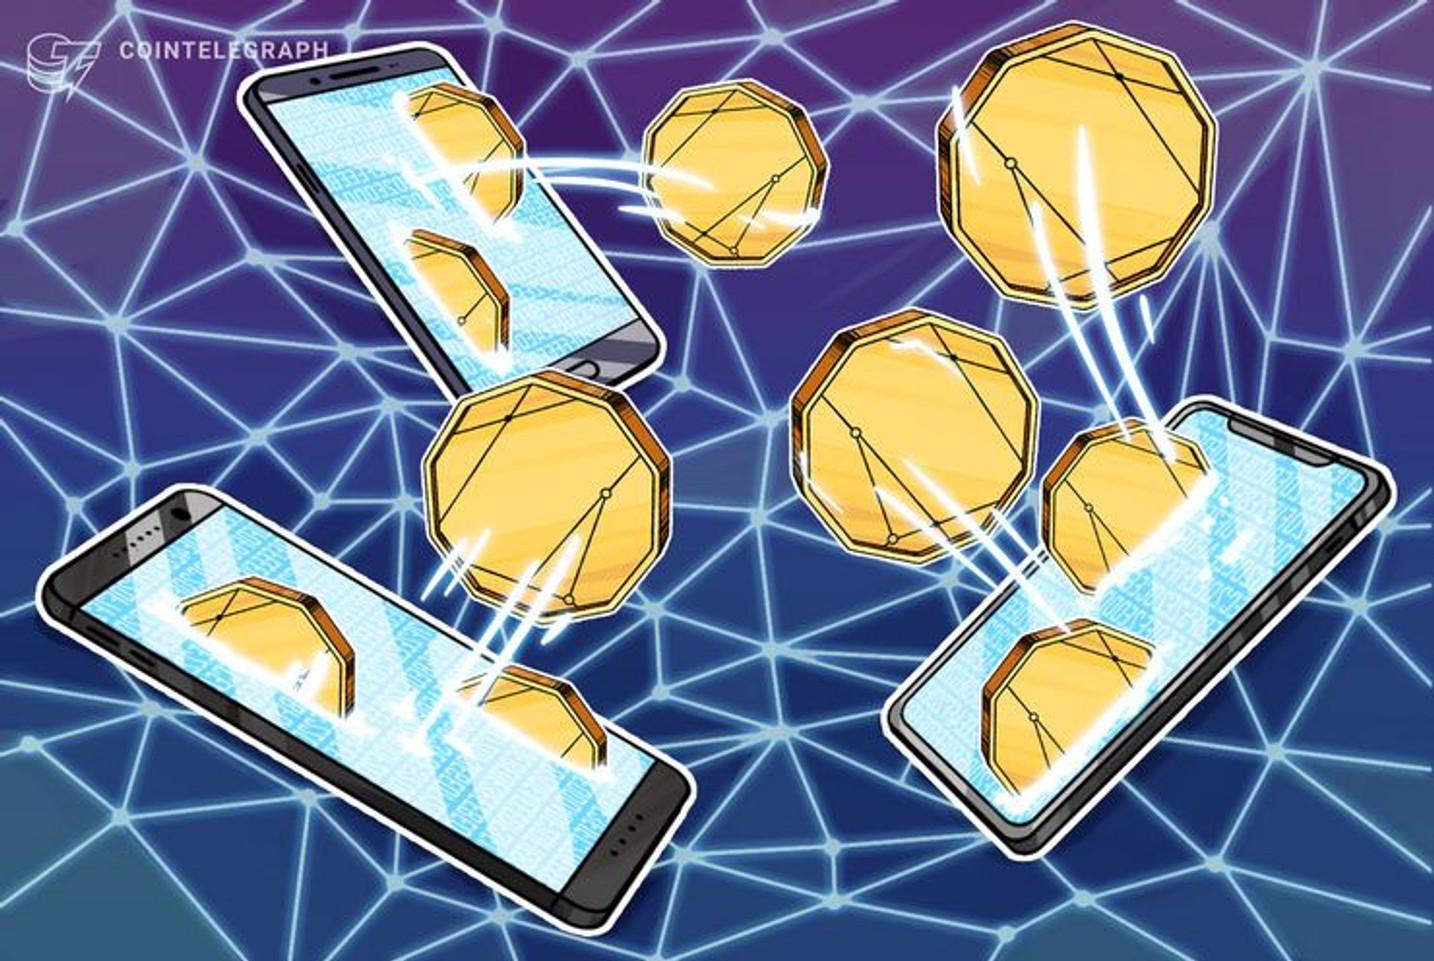 Desde Panamá, LABFin se expande por distintas regiones buscando iniciativas Blockchain y Fintech